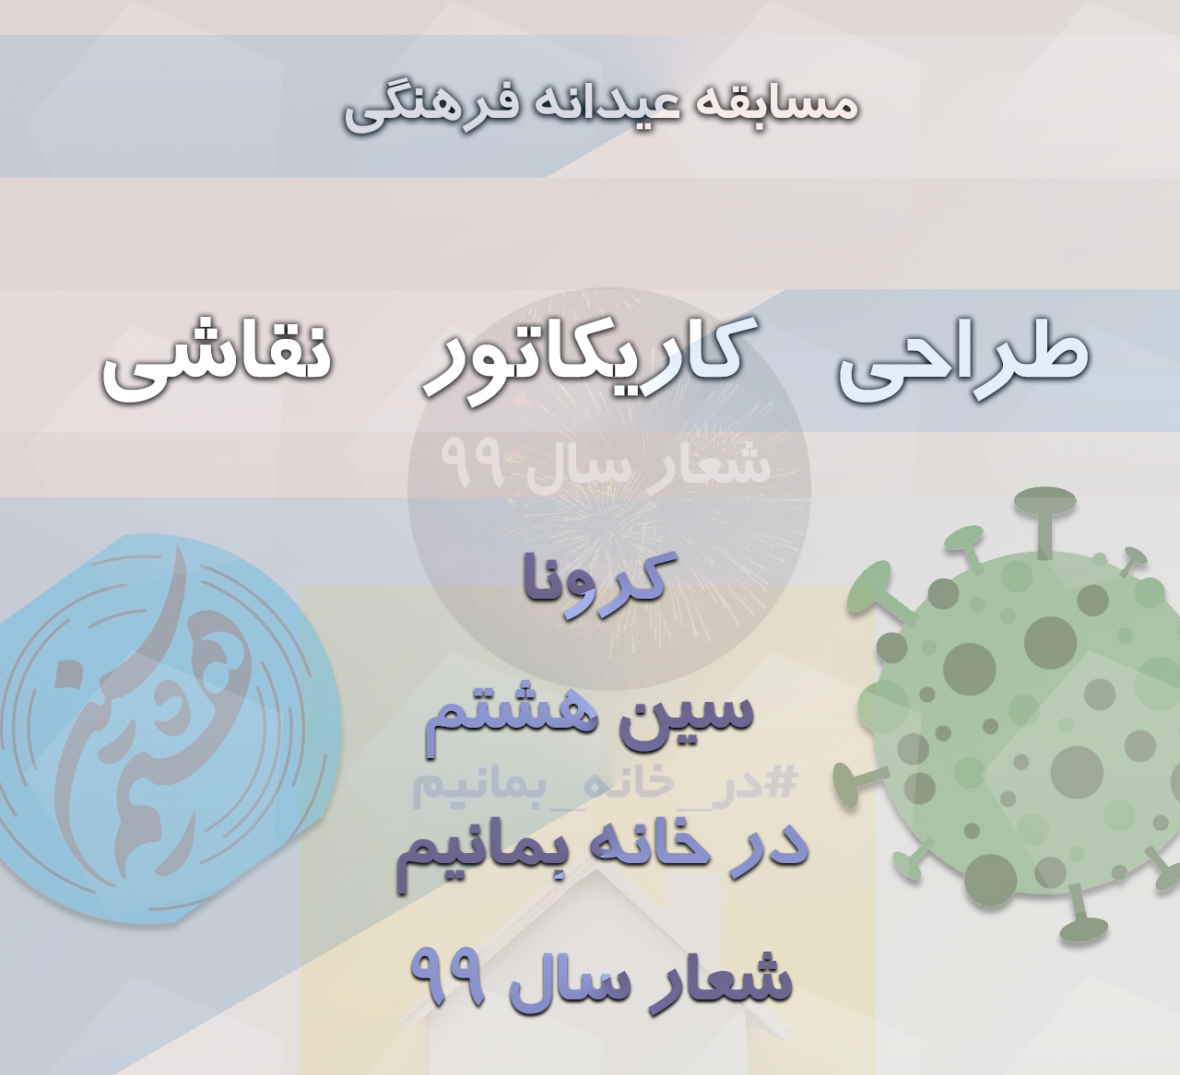 برگزیدگان نهمین روز مسابقه عیدانه فرهنگی خبرنگاران